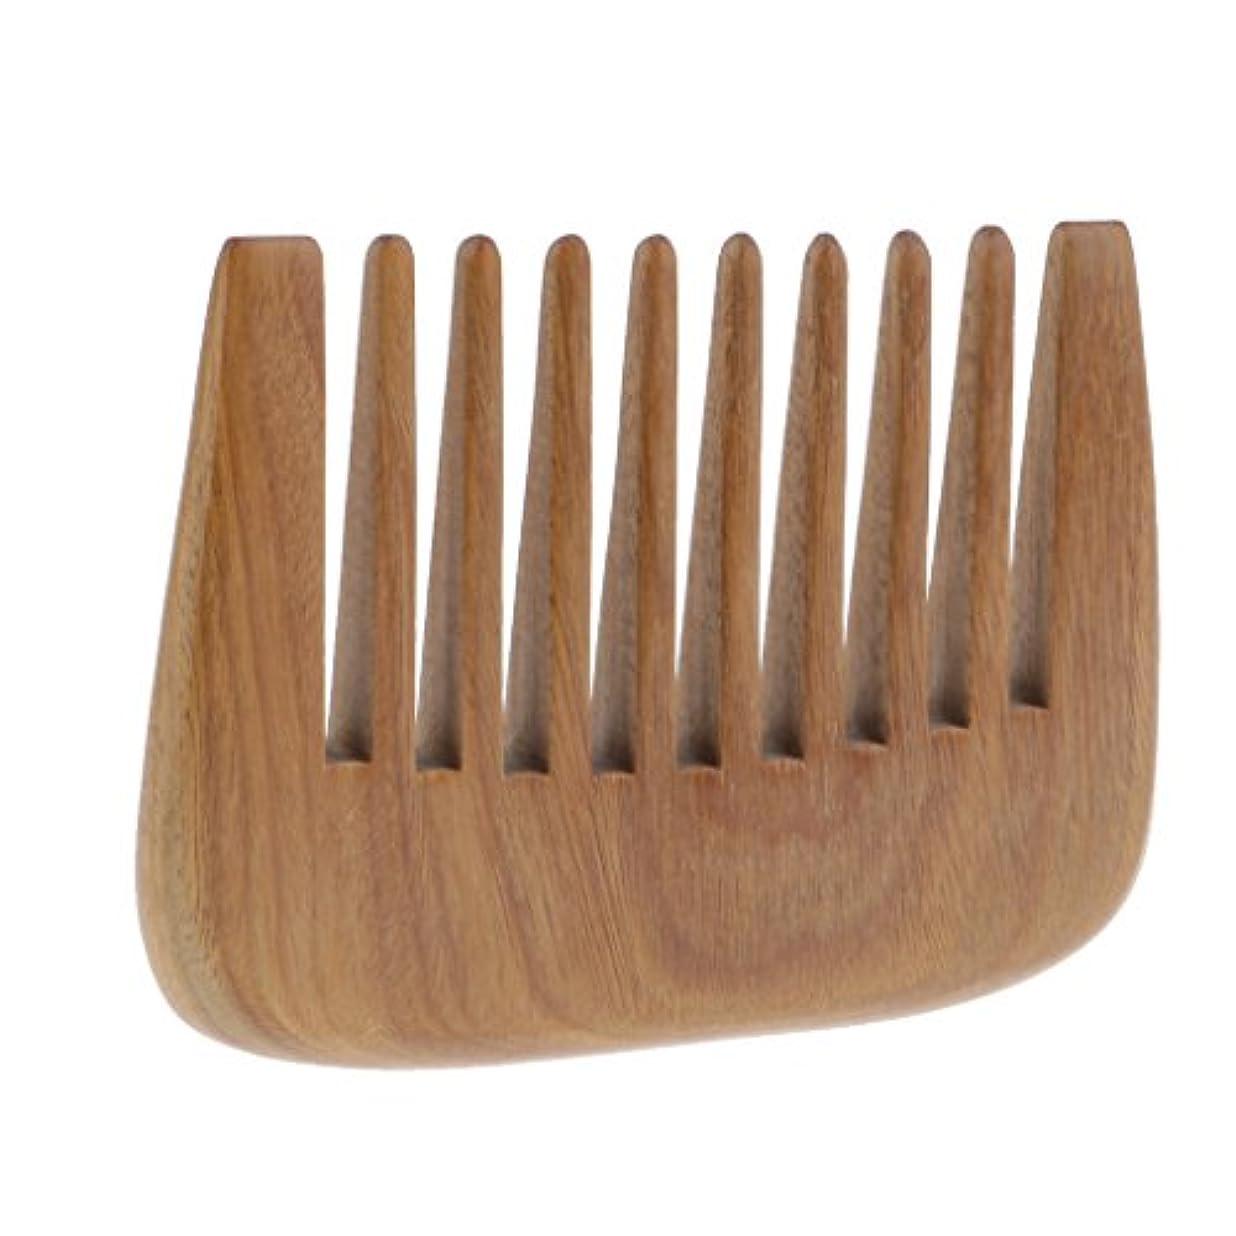 バラエティ所有権取り壊す木製の櫛の髪ピック広い歯ポケット髪の櫛の髪のもつれを解消する櫛毛マッサージャーブラシグリーン白檀